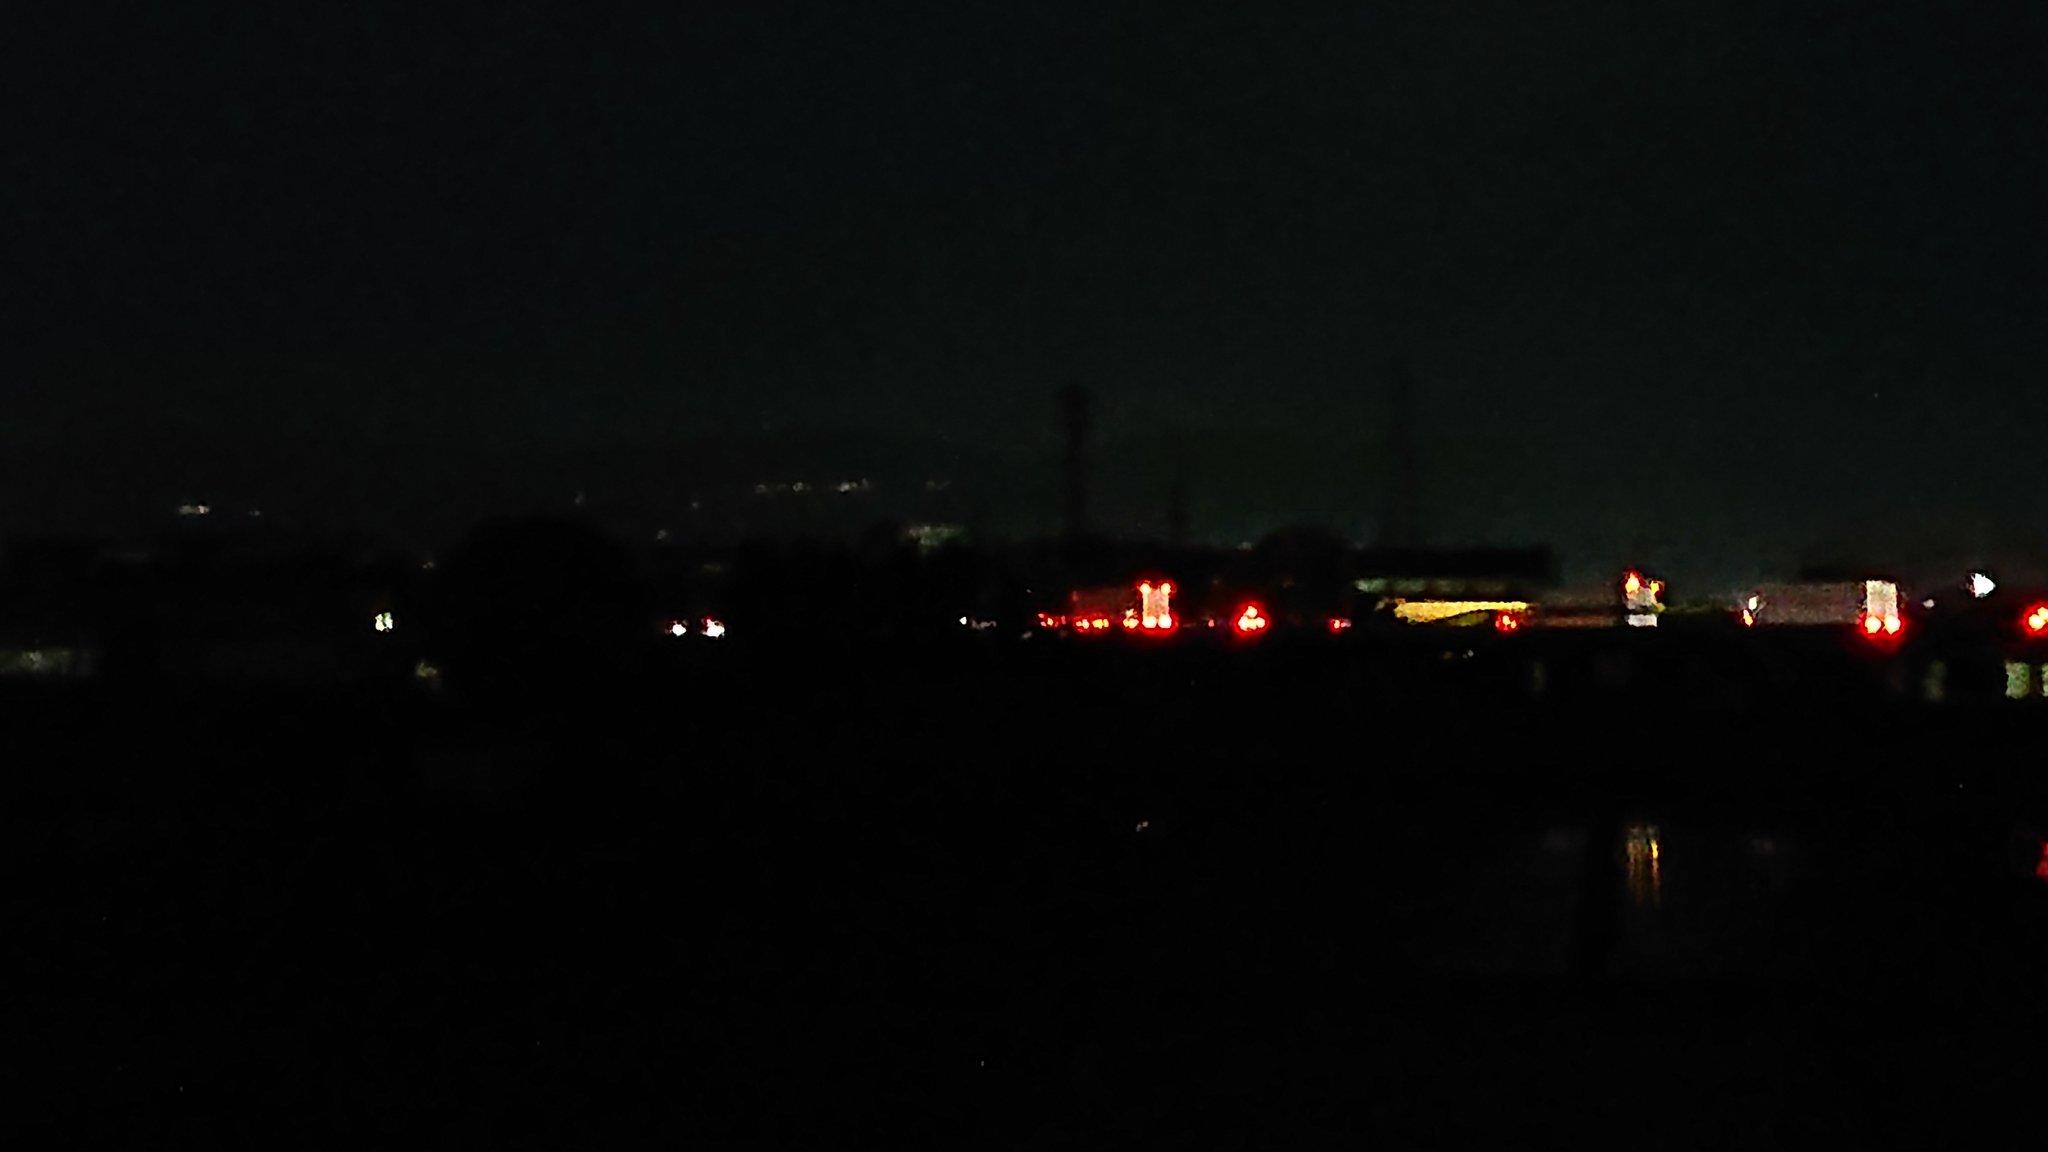 画像,西名阪 事故で渋滞しとる…🙄 https://t.co/ZEYSVX9FEG。